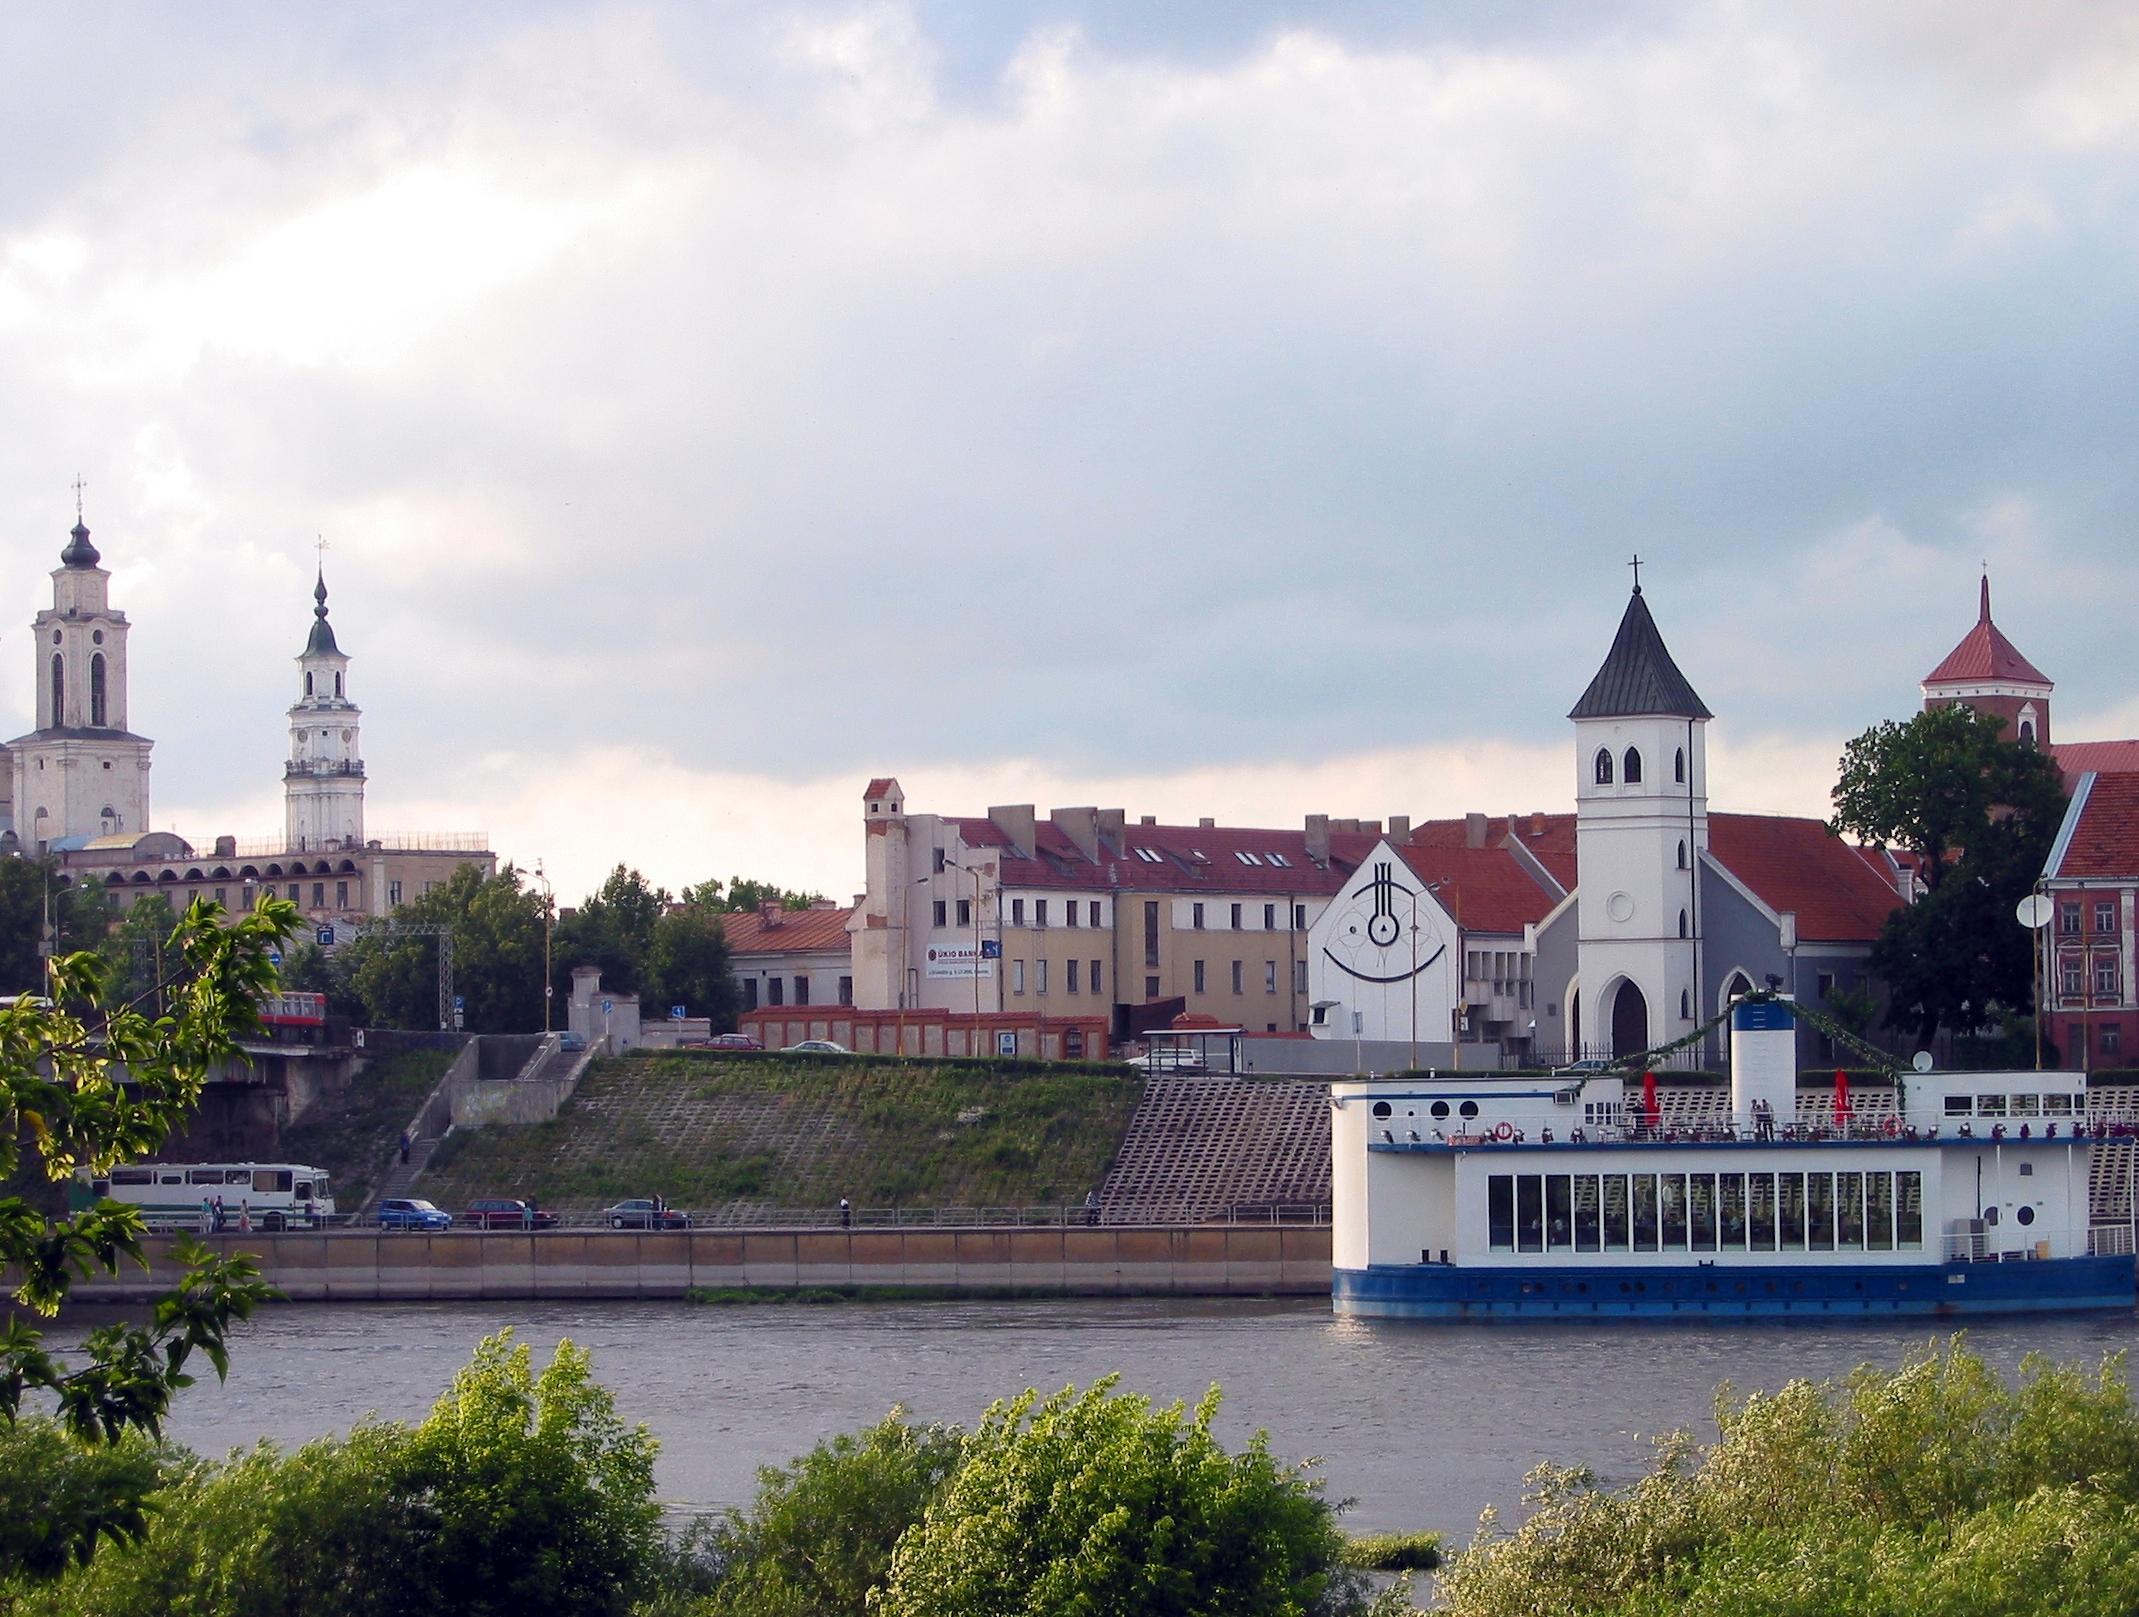 Luoghi da visitare dintorni Kaunas Lituania